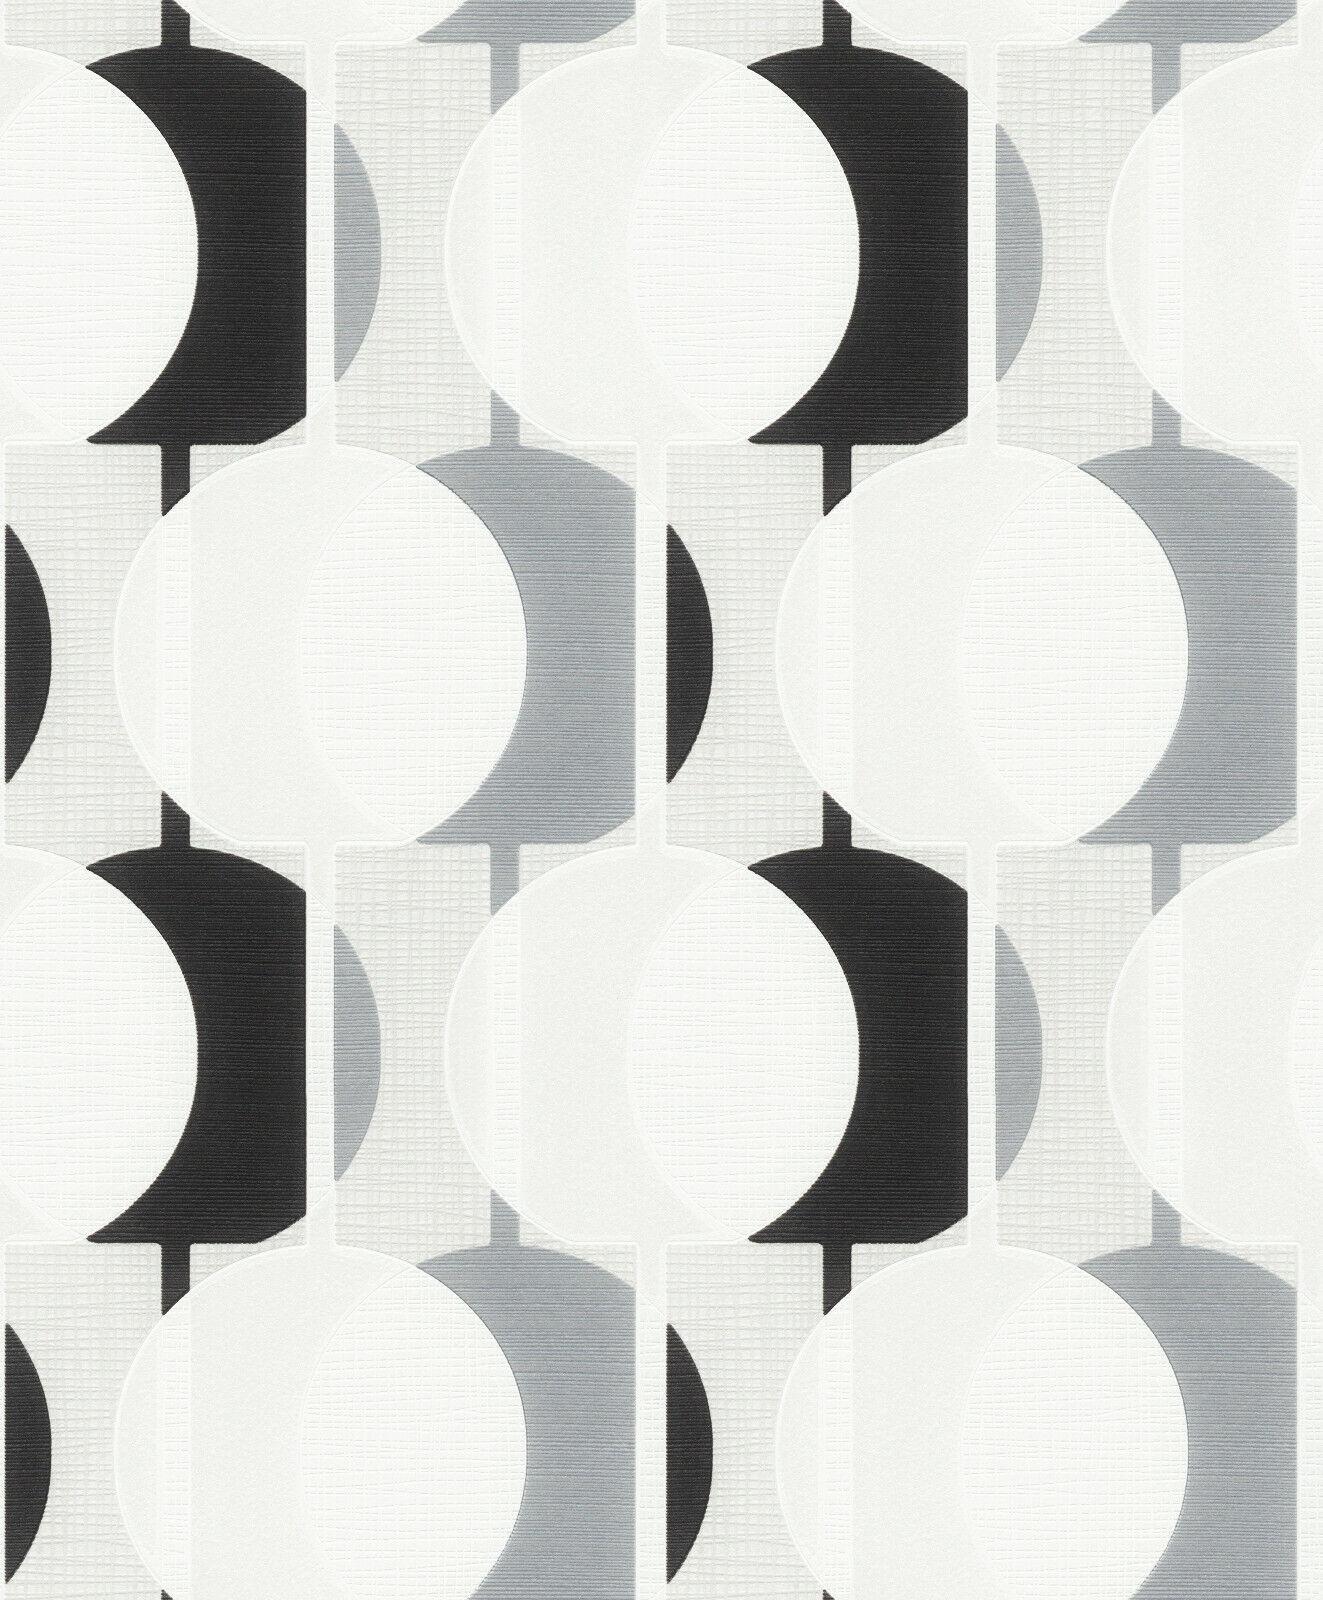 Vlies Tapete Retro Kreise Struktur weiß grau schwarz 10118 ...